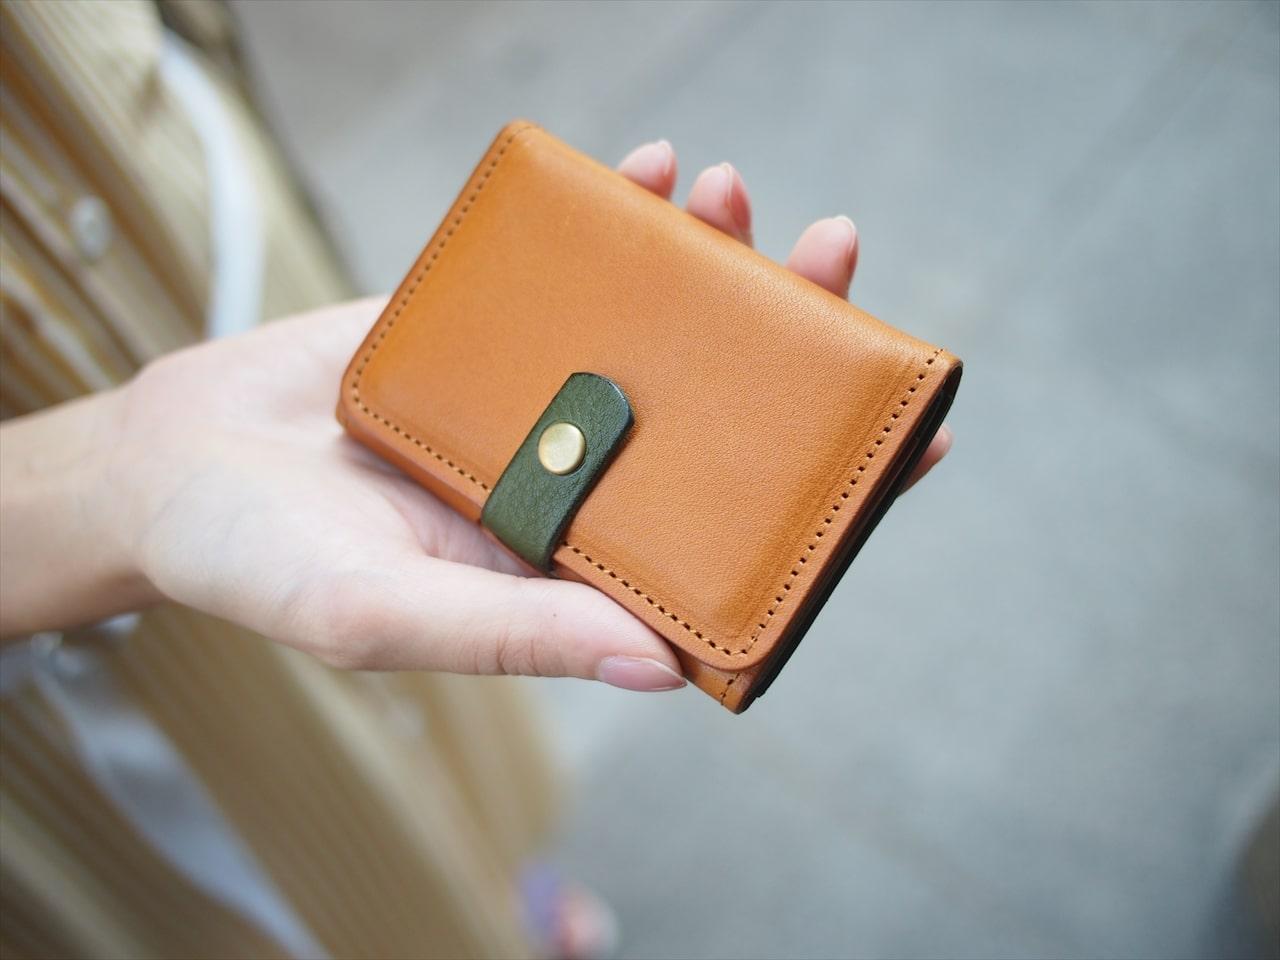 ミニ財布 小さな財布 ミニウォレット ミニマリスト カードサイズ ヌメ革 レザー 本革 シンプル おしゃれ bagbus バッグバス